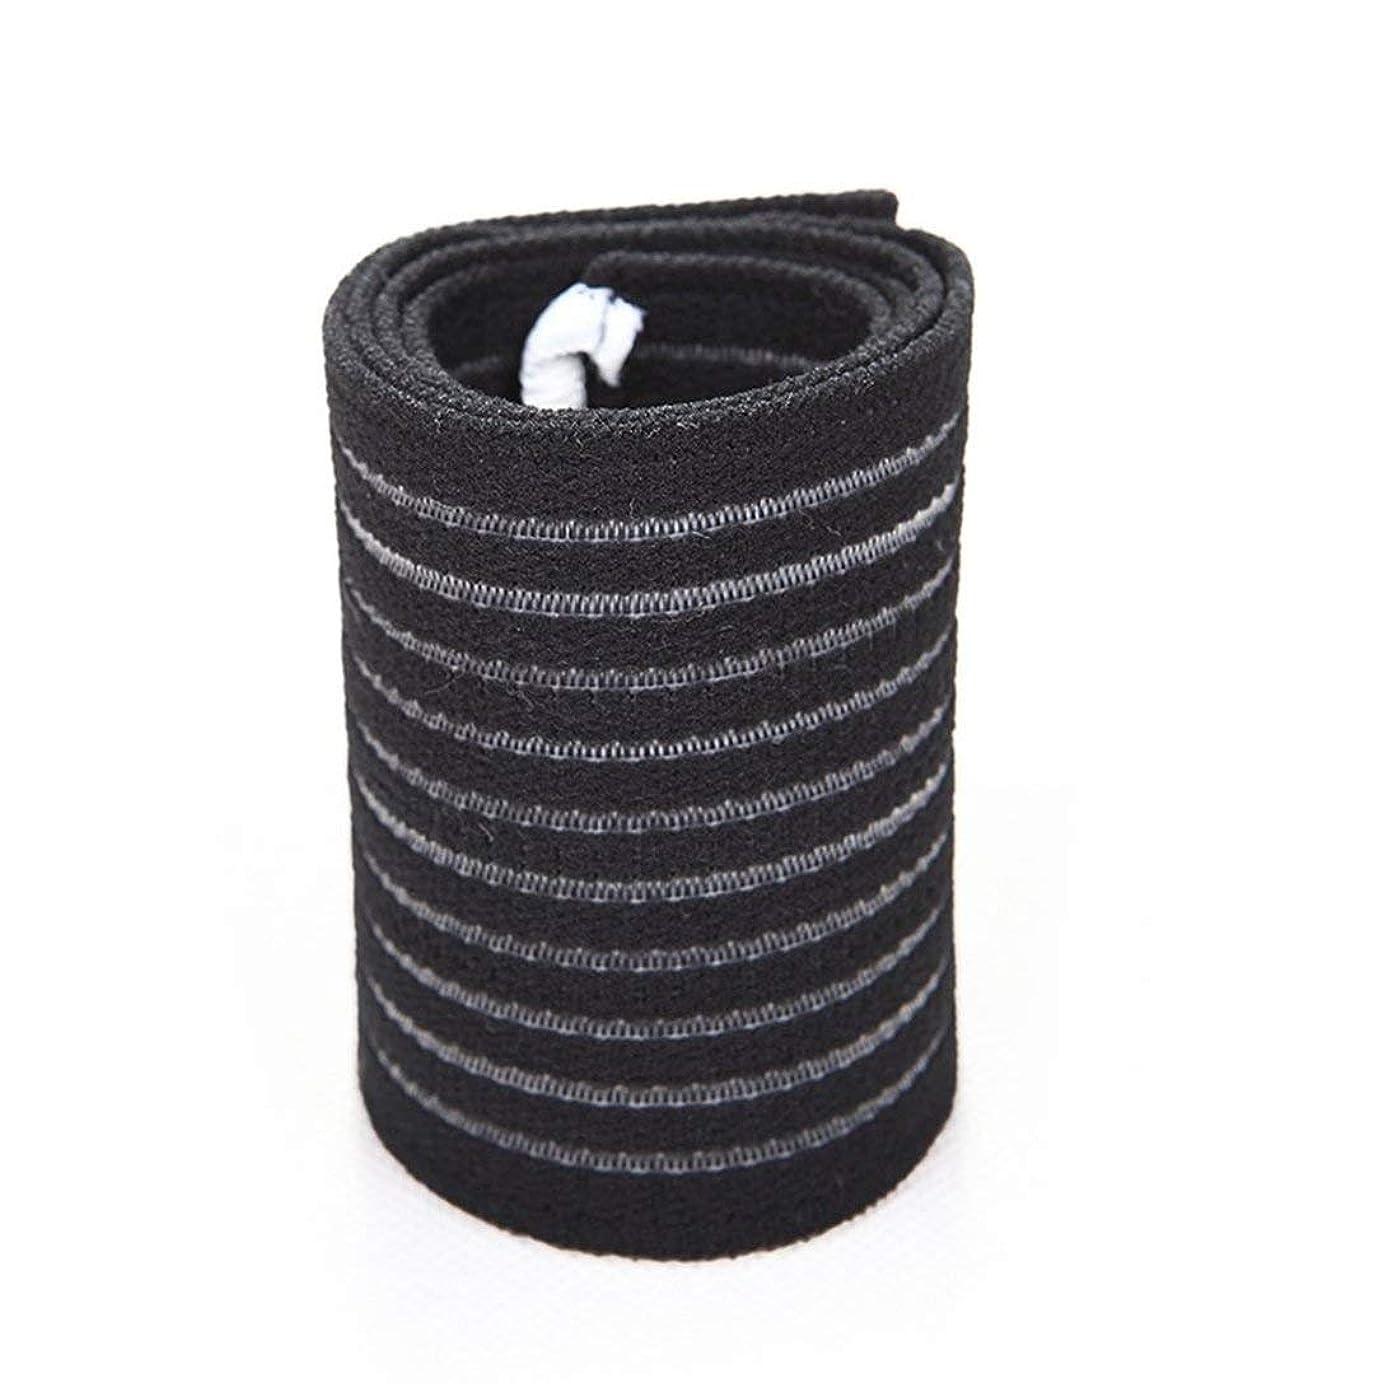 ドラフト粘液心臓Swiftgood 調節可能なスポーツジムリストバンド快適な包帯ティーニスバスケットボールリスト保護ストラップブレースラップ